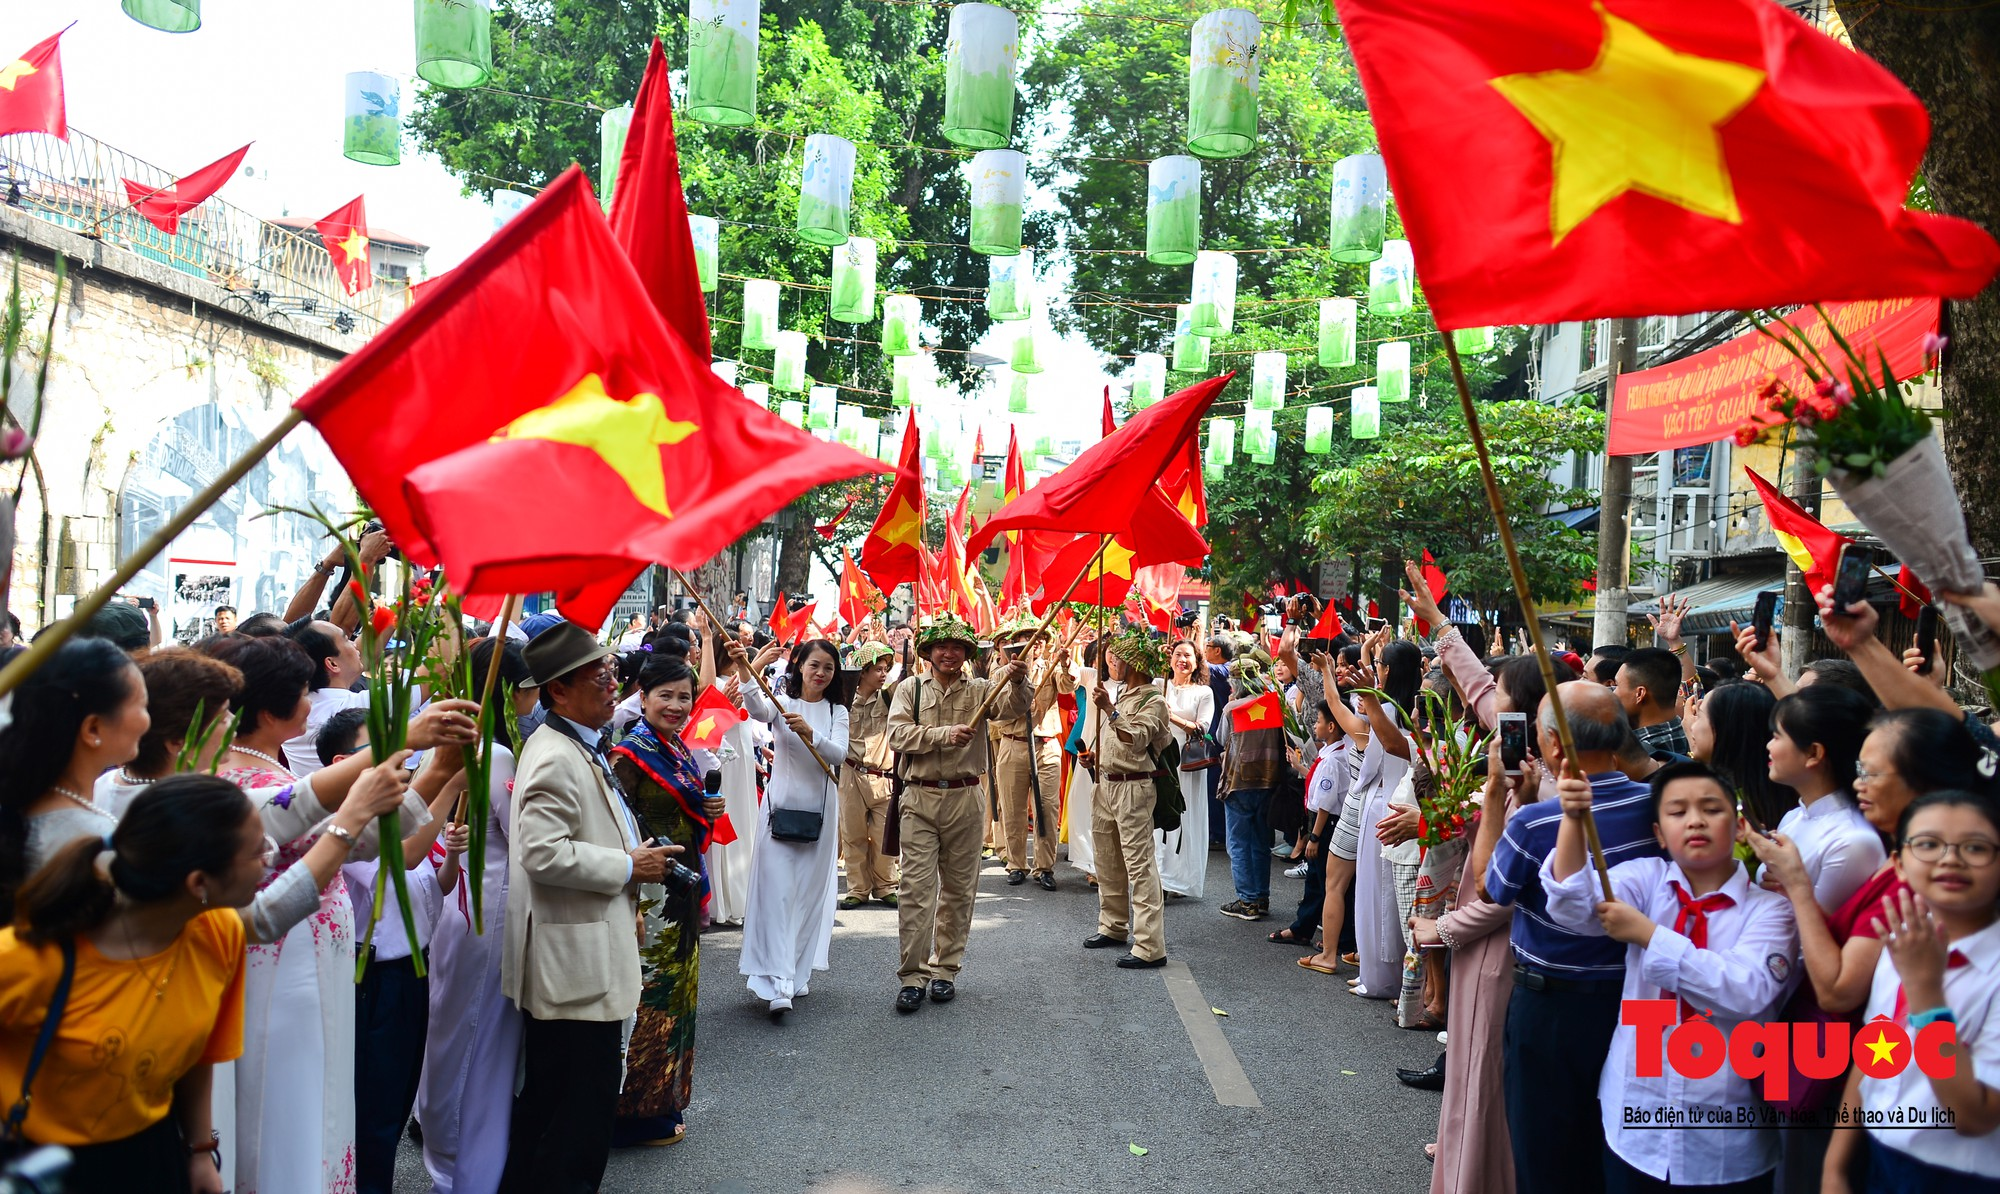 Tái hiện ký ức hào hùng đoàn quân chiến thắng trở về tiếp quản thủ đô Hà Nội 65 năm trước 10